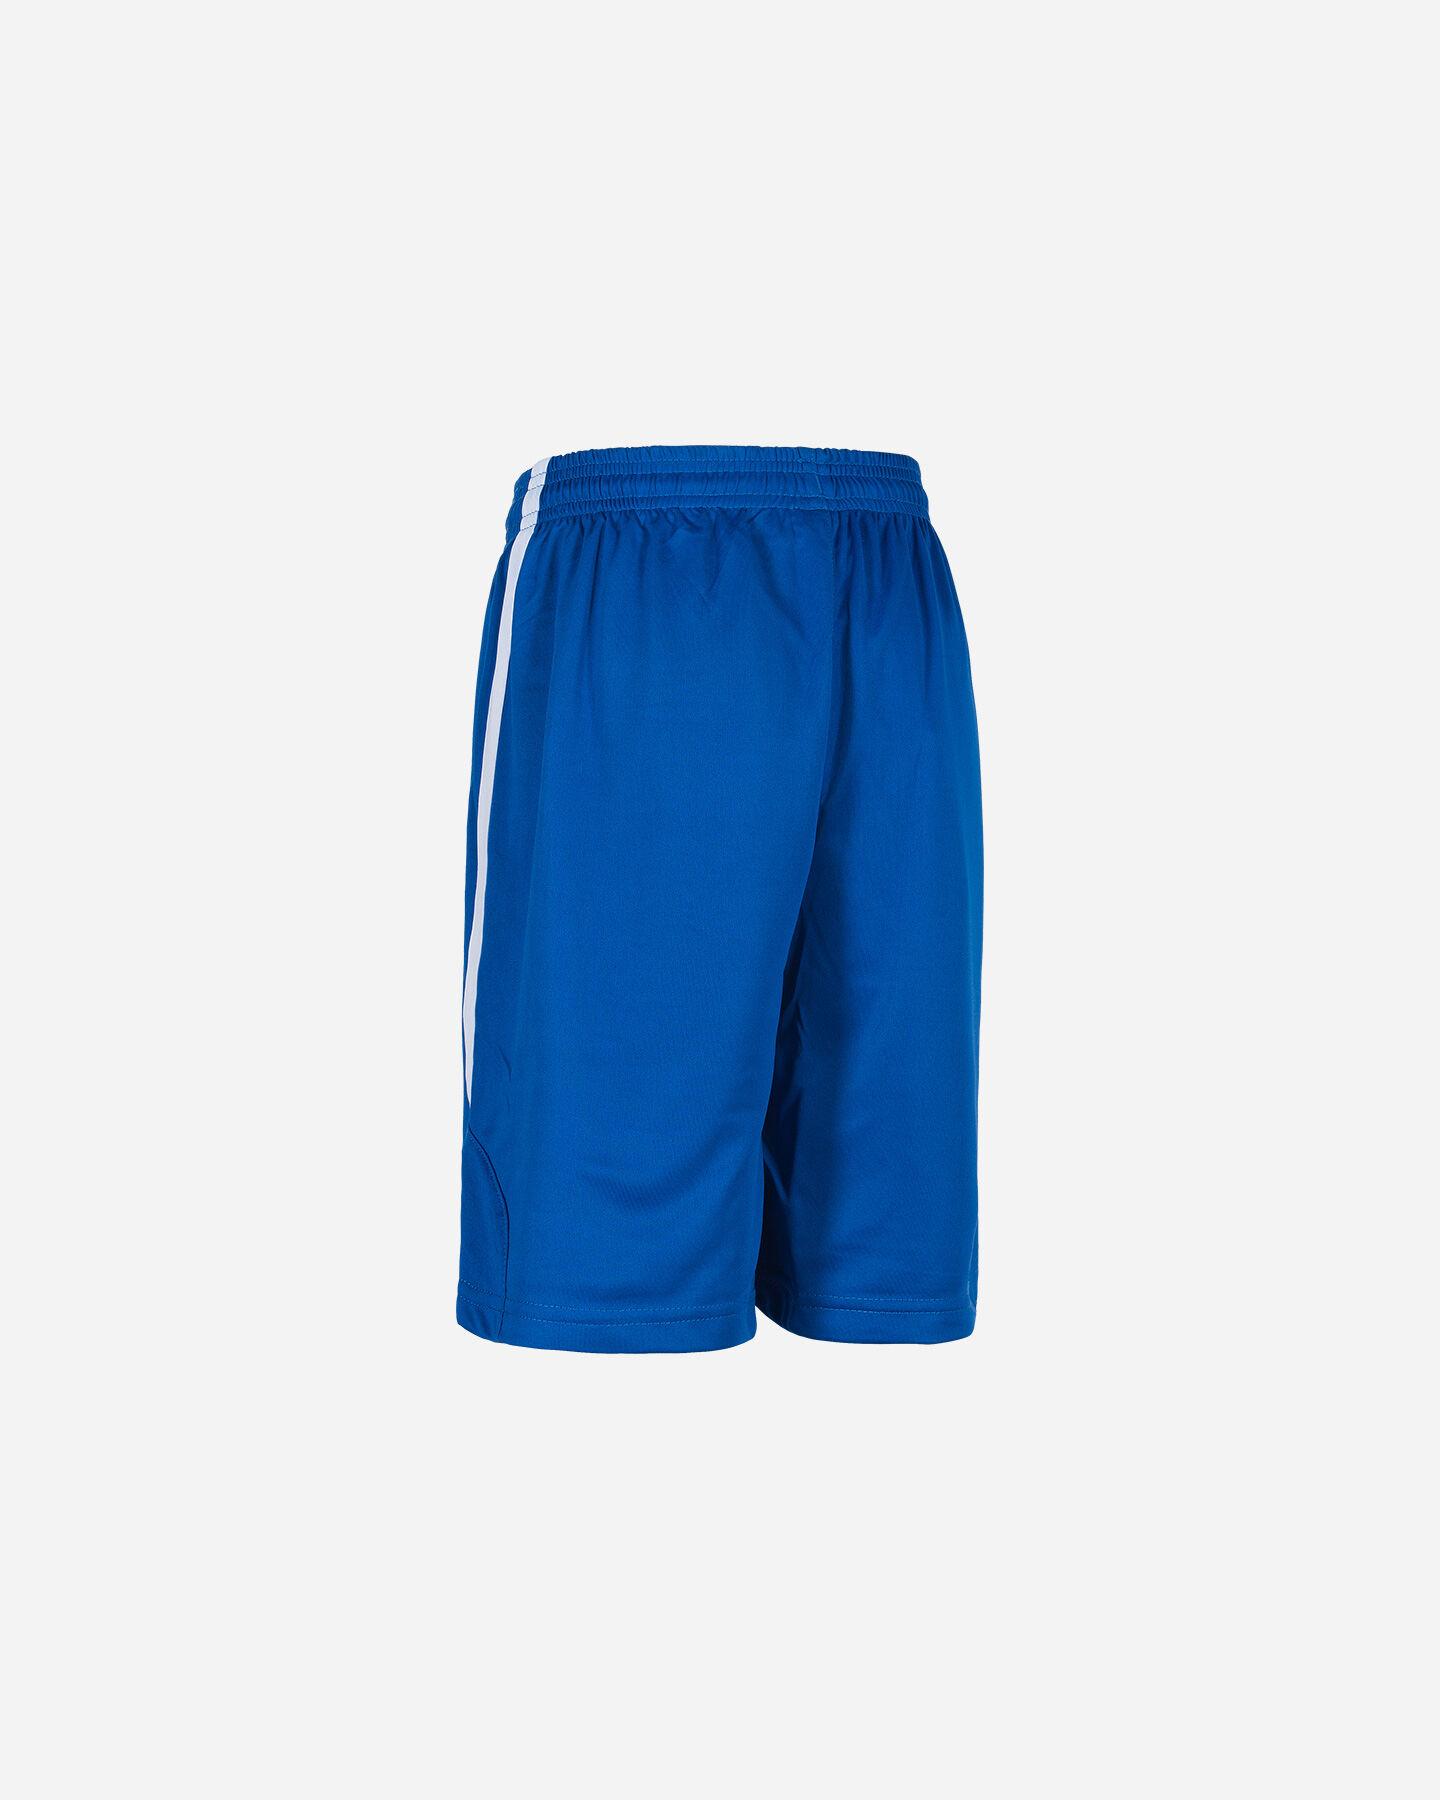 Pantaloncini basket ABC BASKET SH JR S1305968 scatto 1